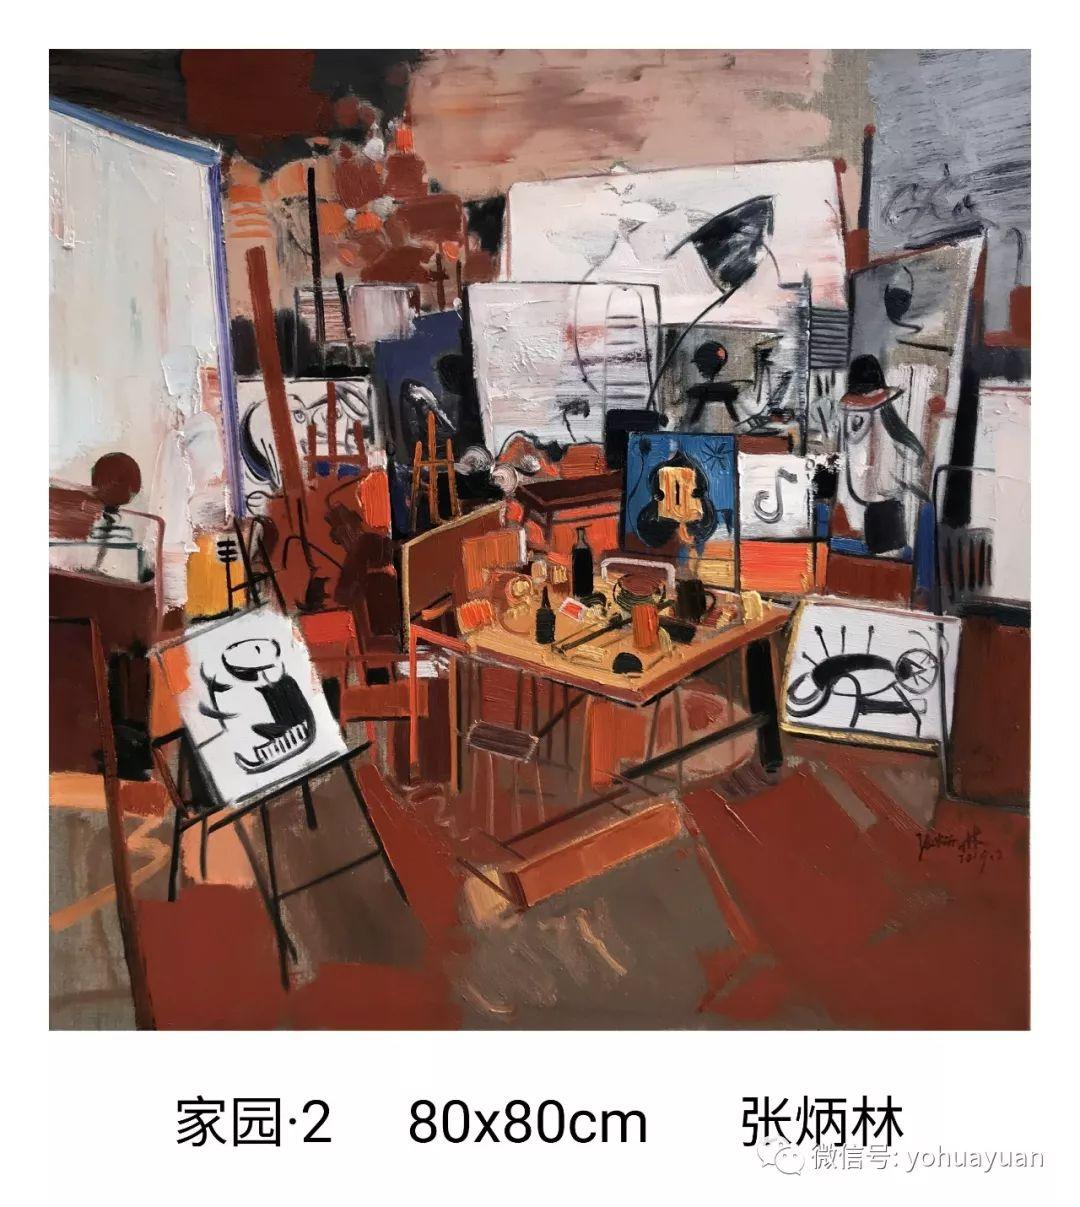 油画作品拍卖(内蒙古草原写生) 第65张 油画作品拍卖(内蒙古草原写生) 蒙古画廊